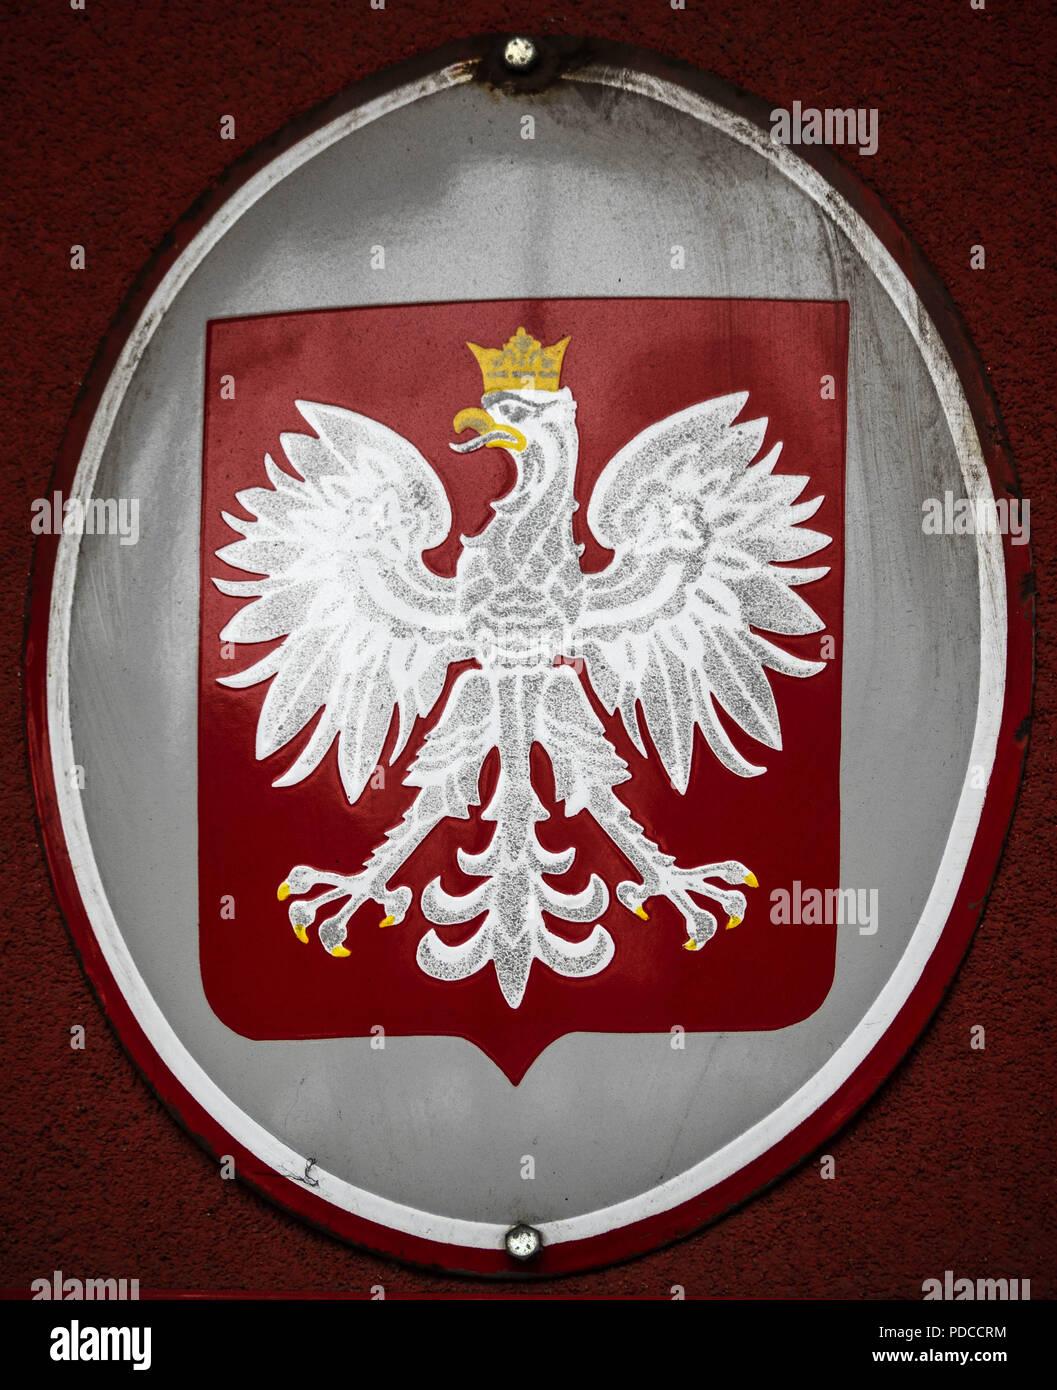 jacken mit roten wappen und weißem vogel